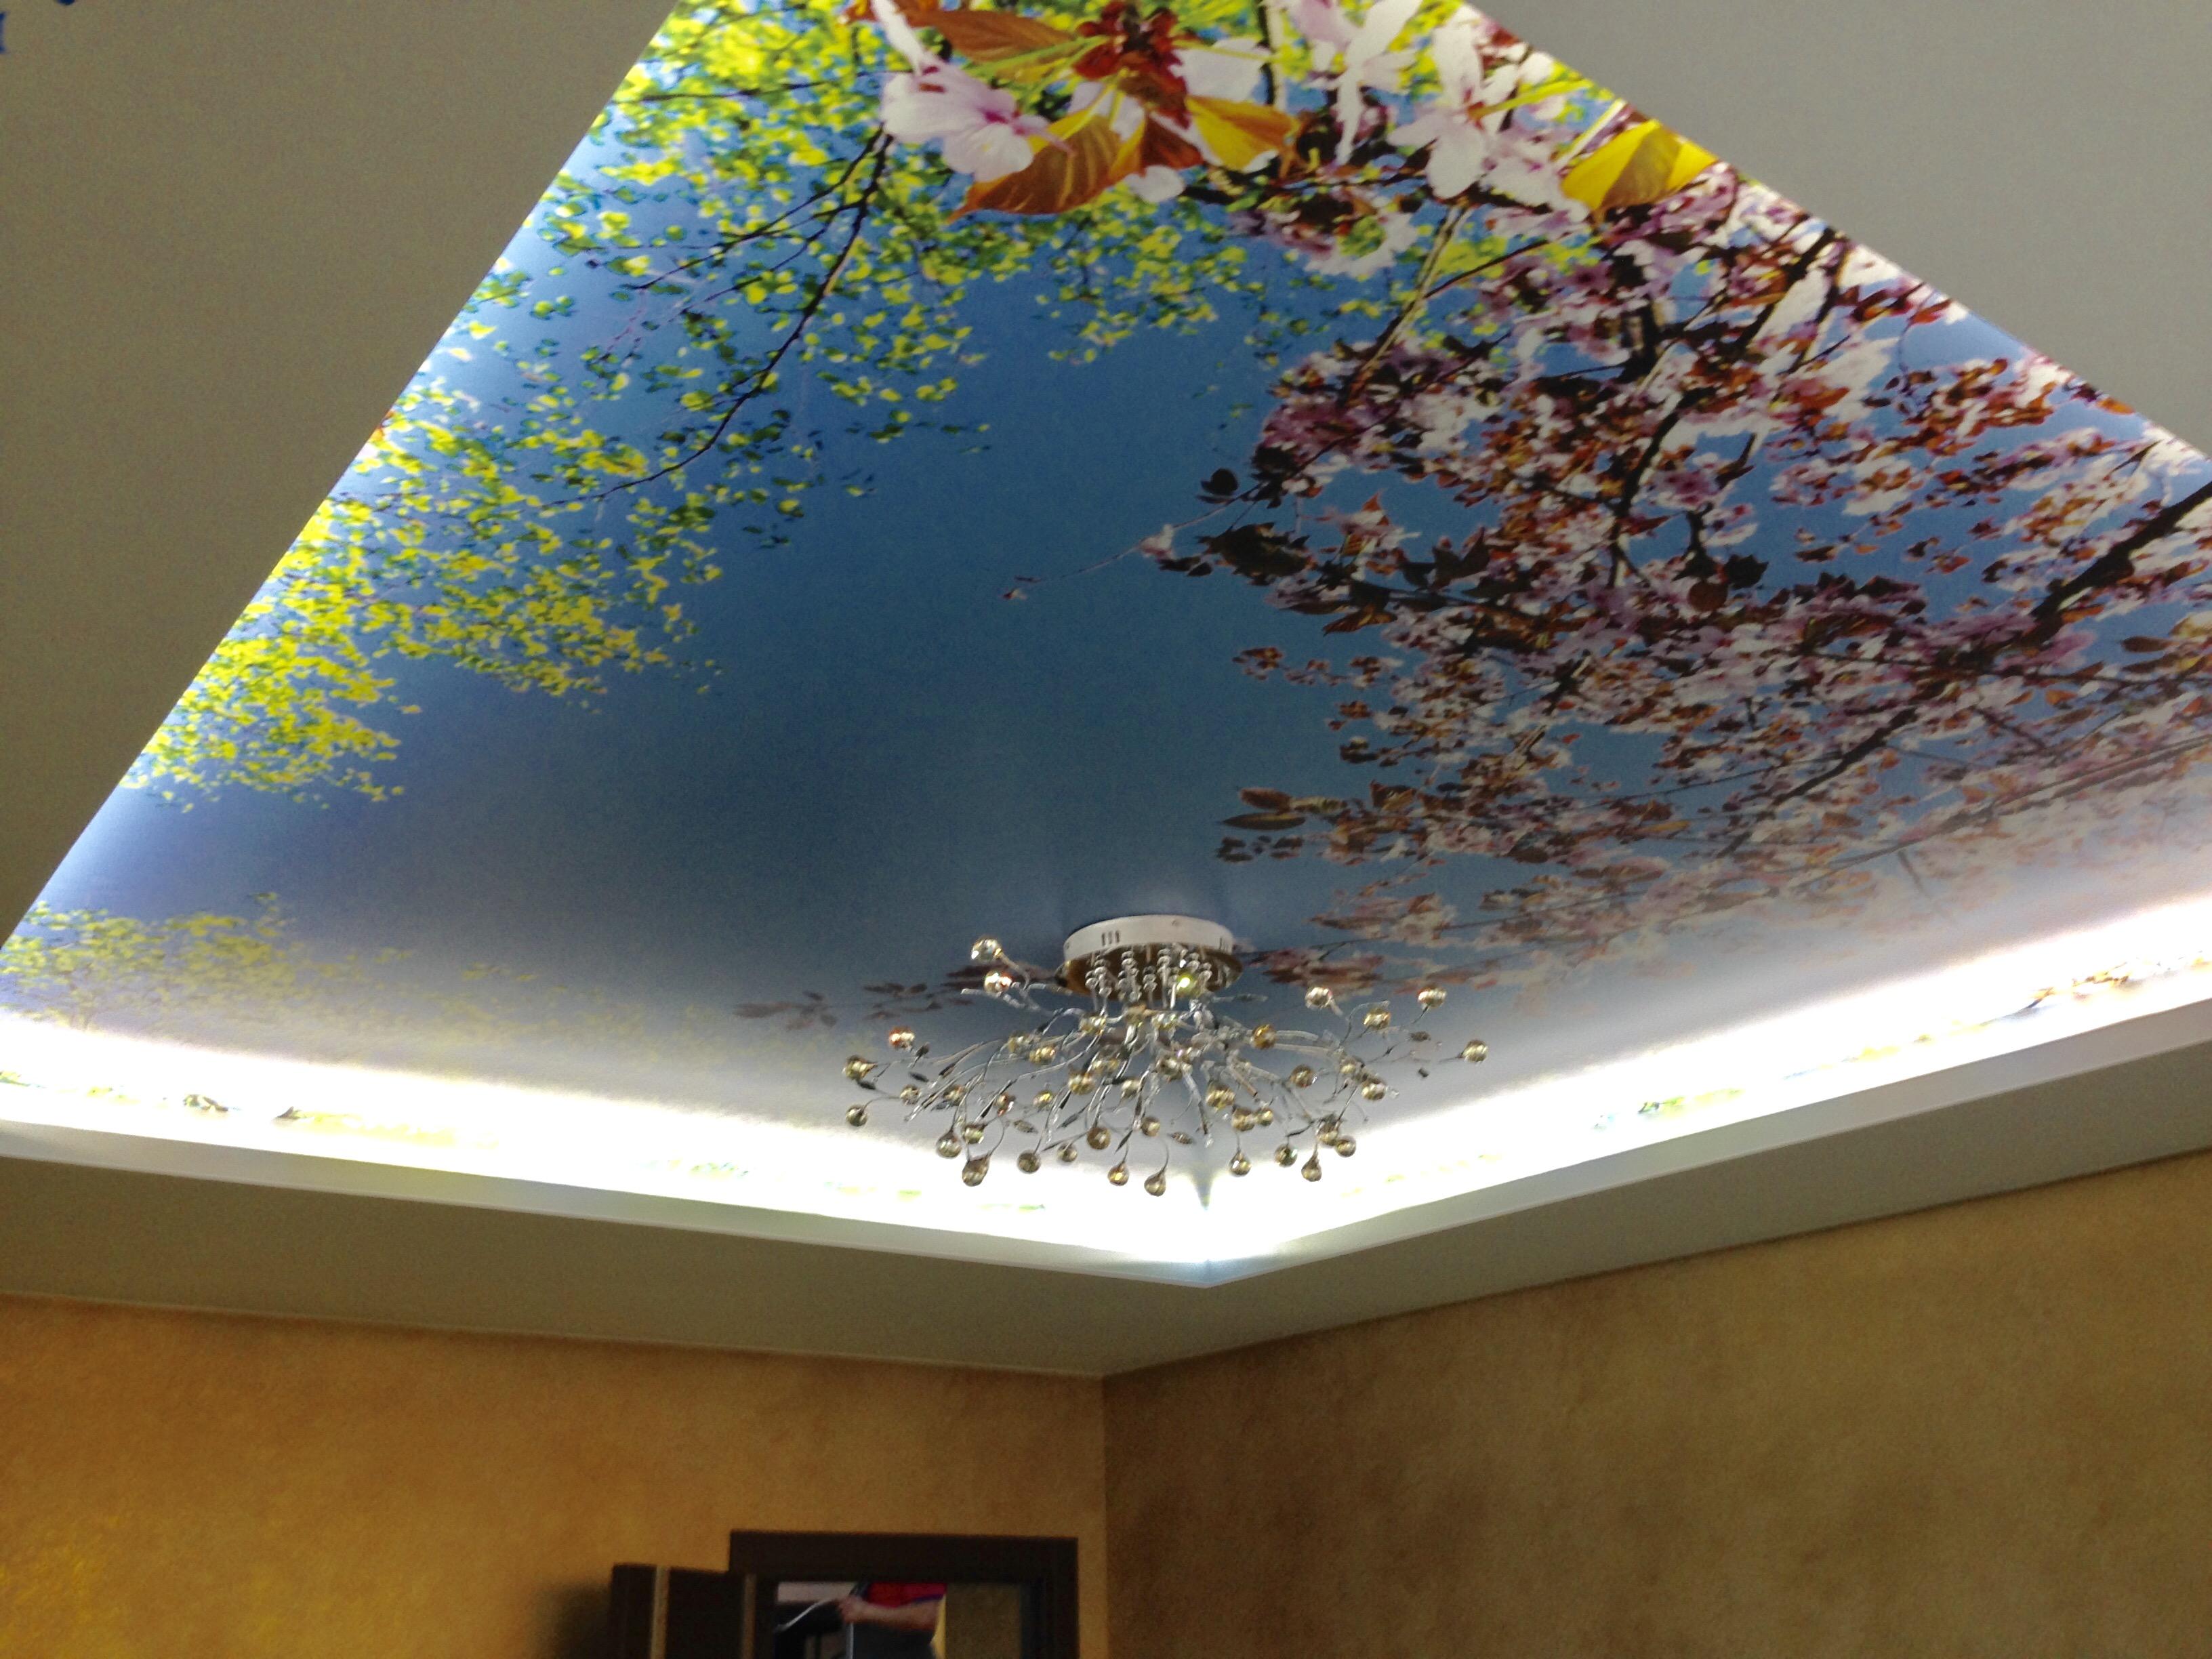 фотобанки с печатью на потолке этих интересных объектов